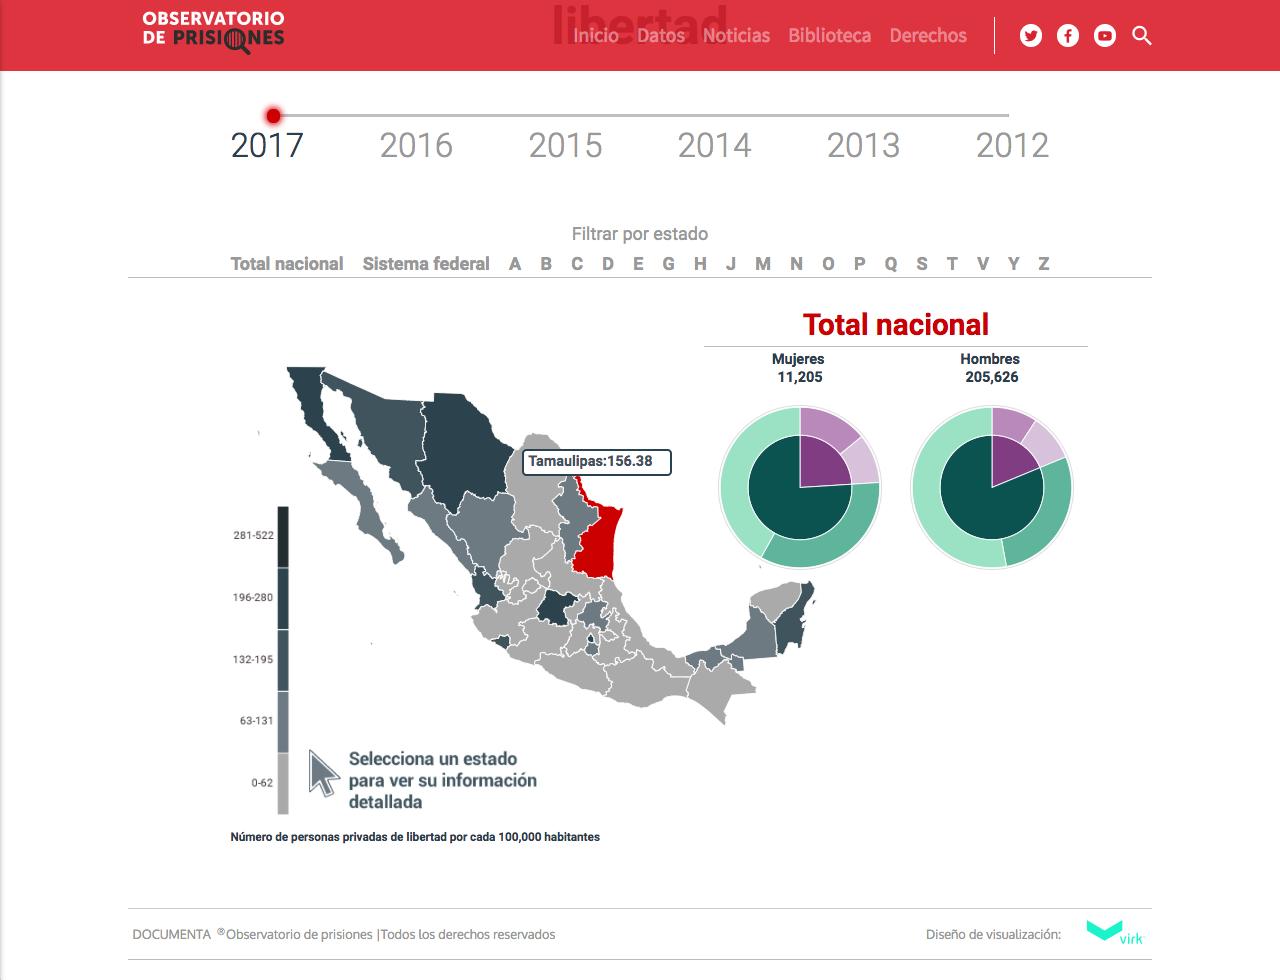 Visualización de datos, El uso de la prisión en México, Observatorio de Prisiones